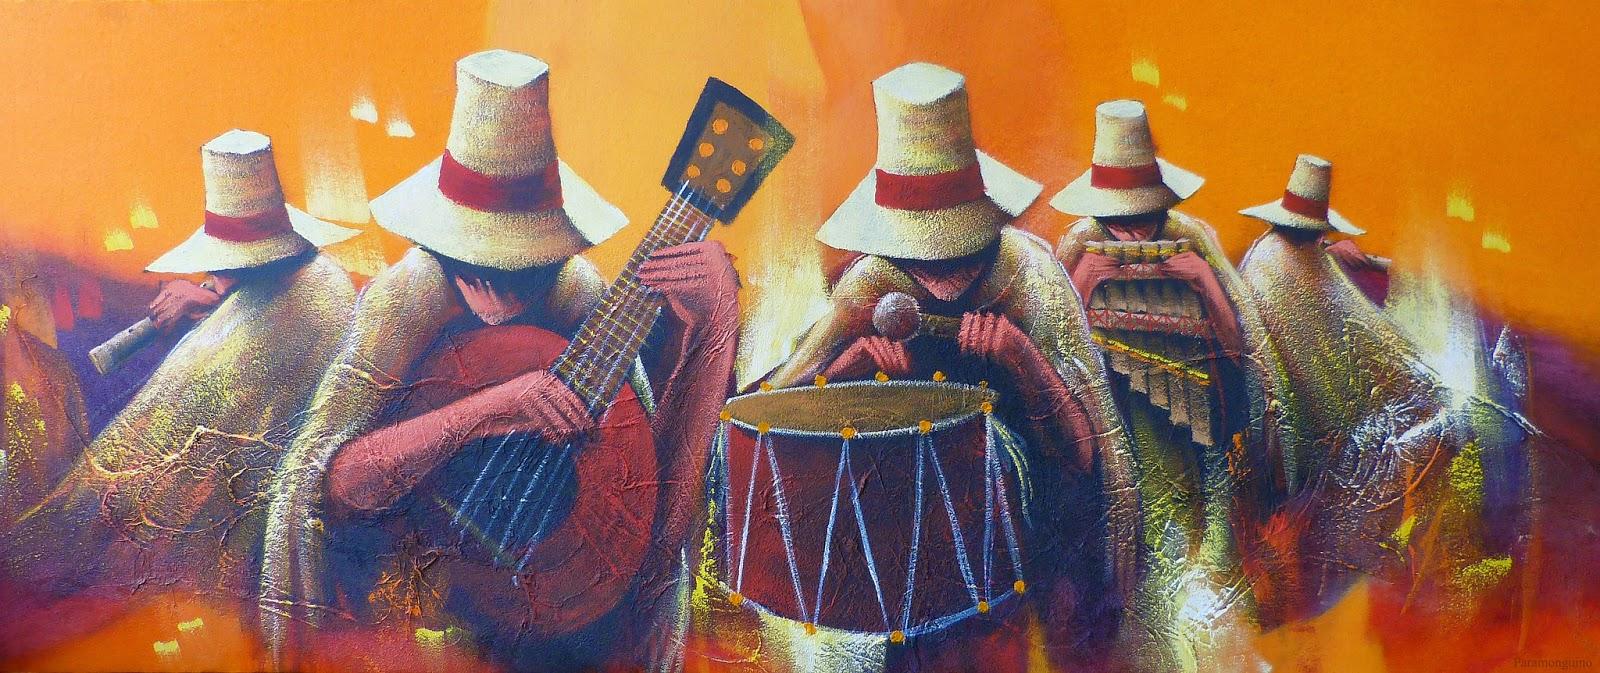 cuadro-moderno-con-musicos